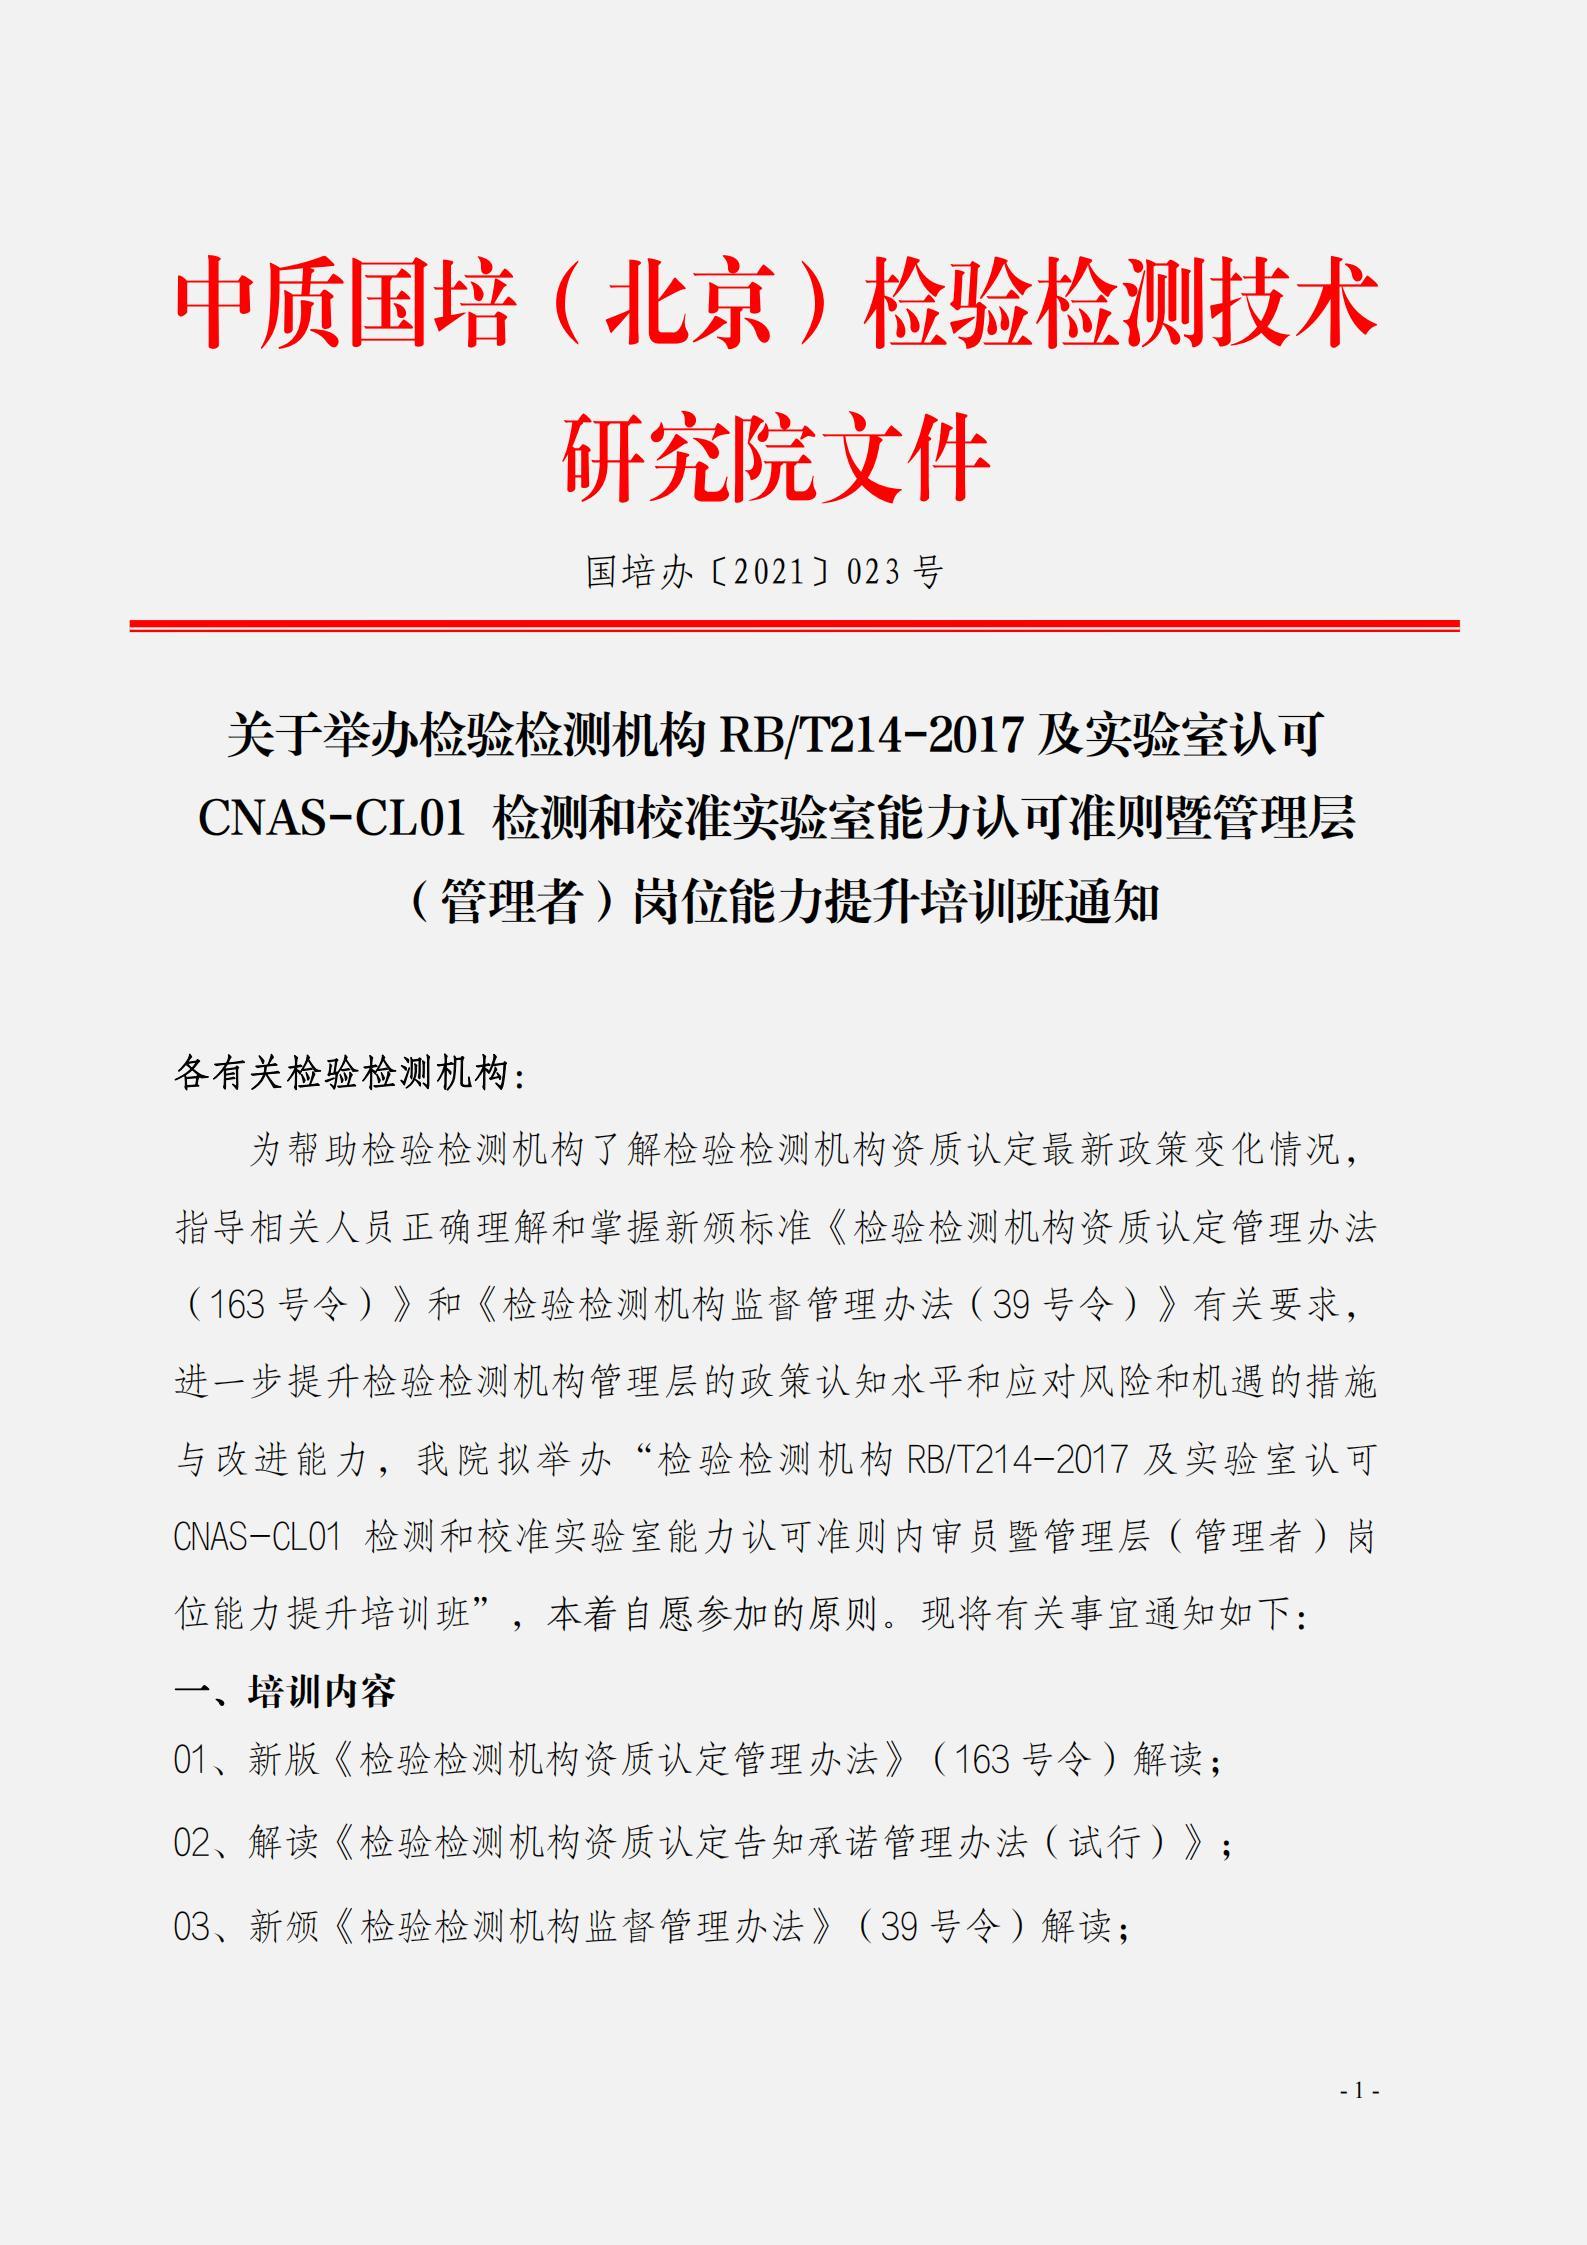 2021年6-8月份现场解读《检验检测机构资质认定管理办法》163号令_00.jpg